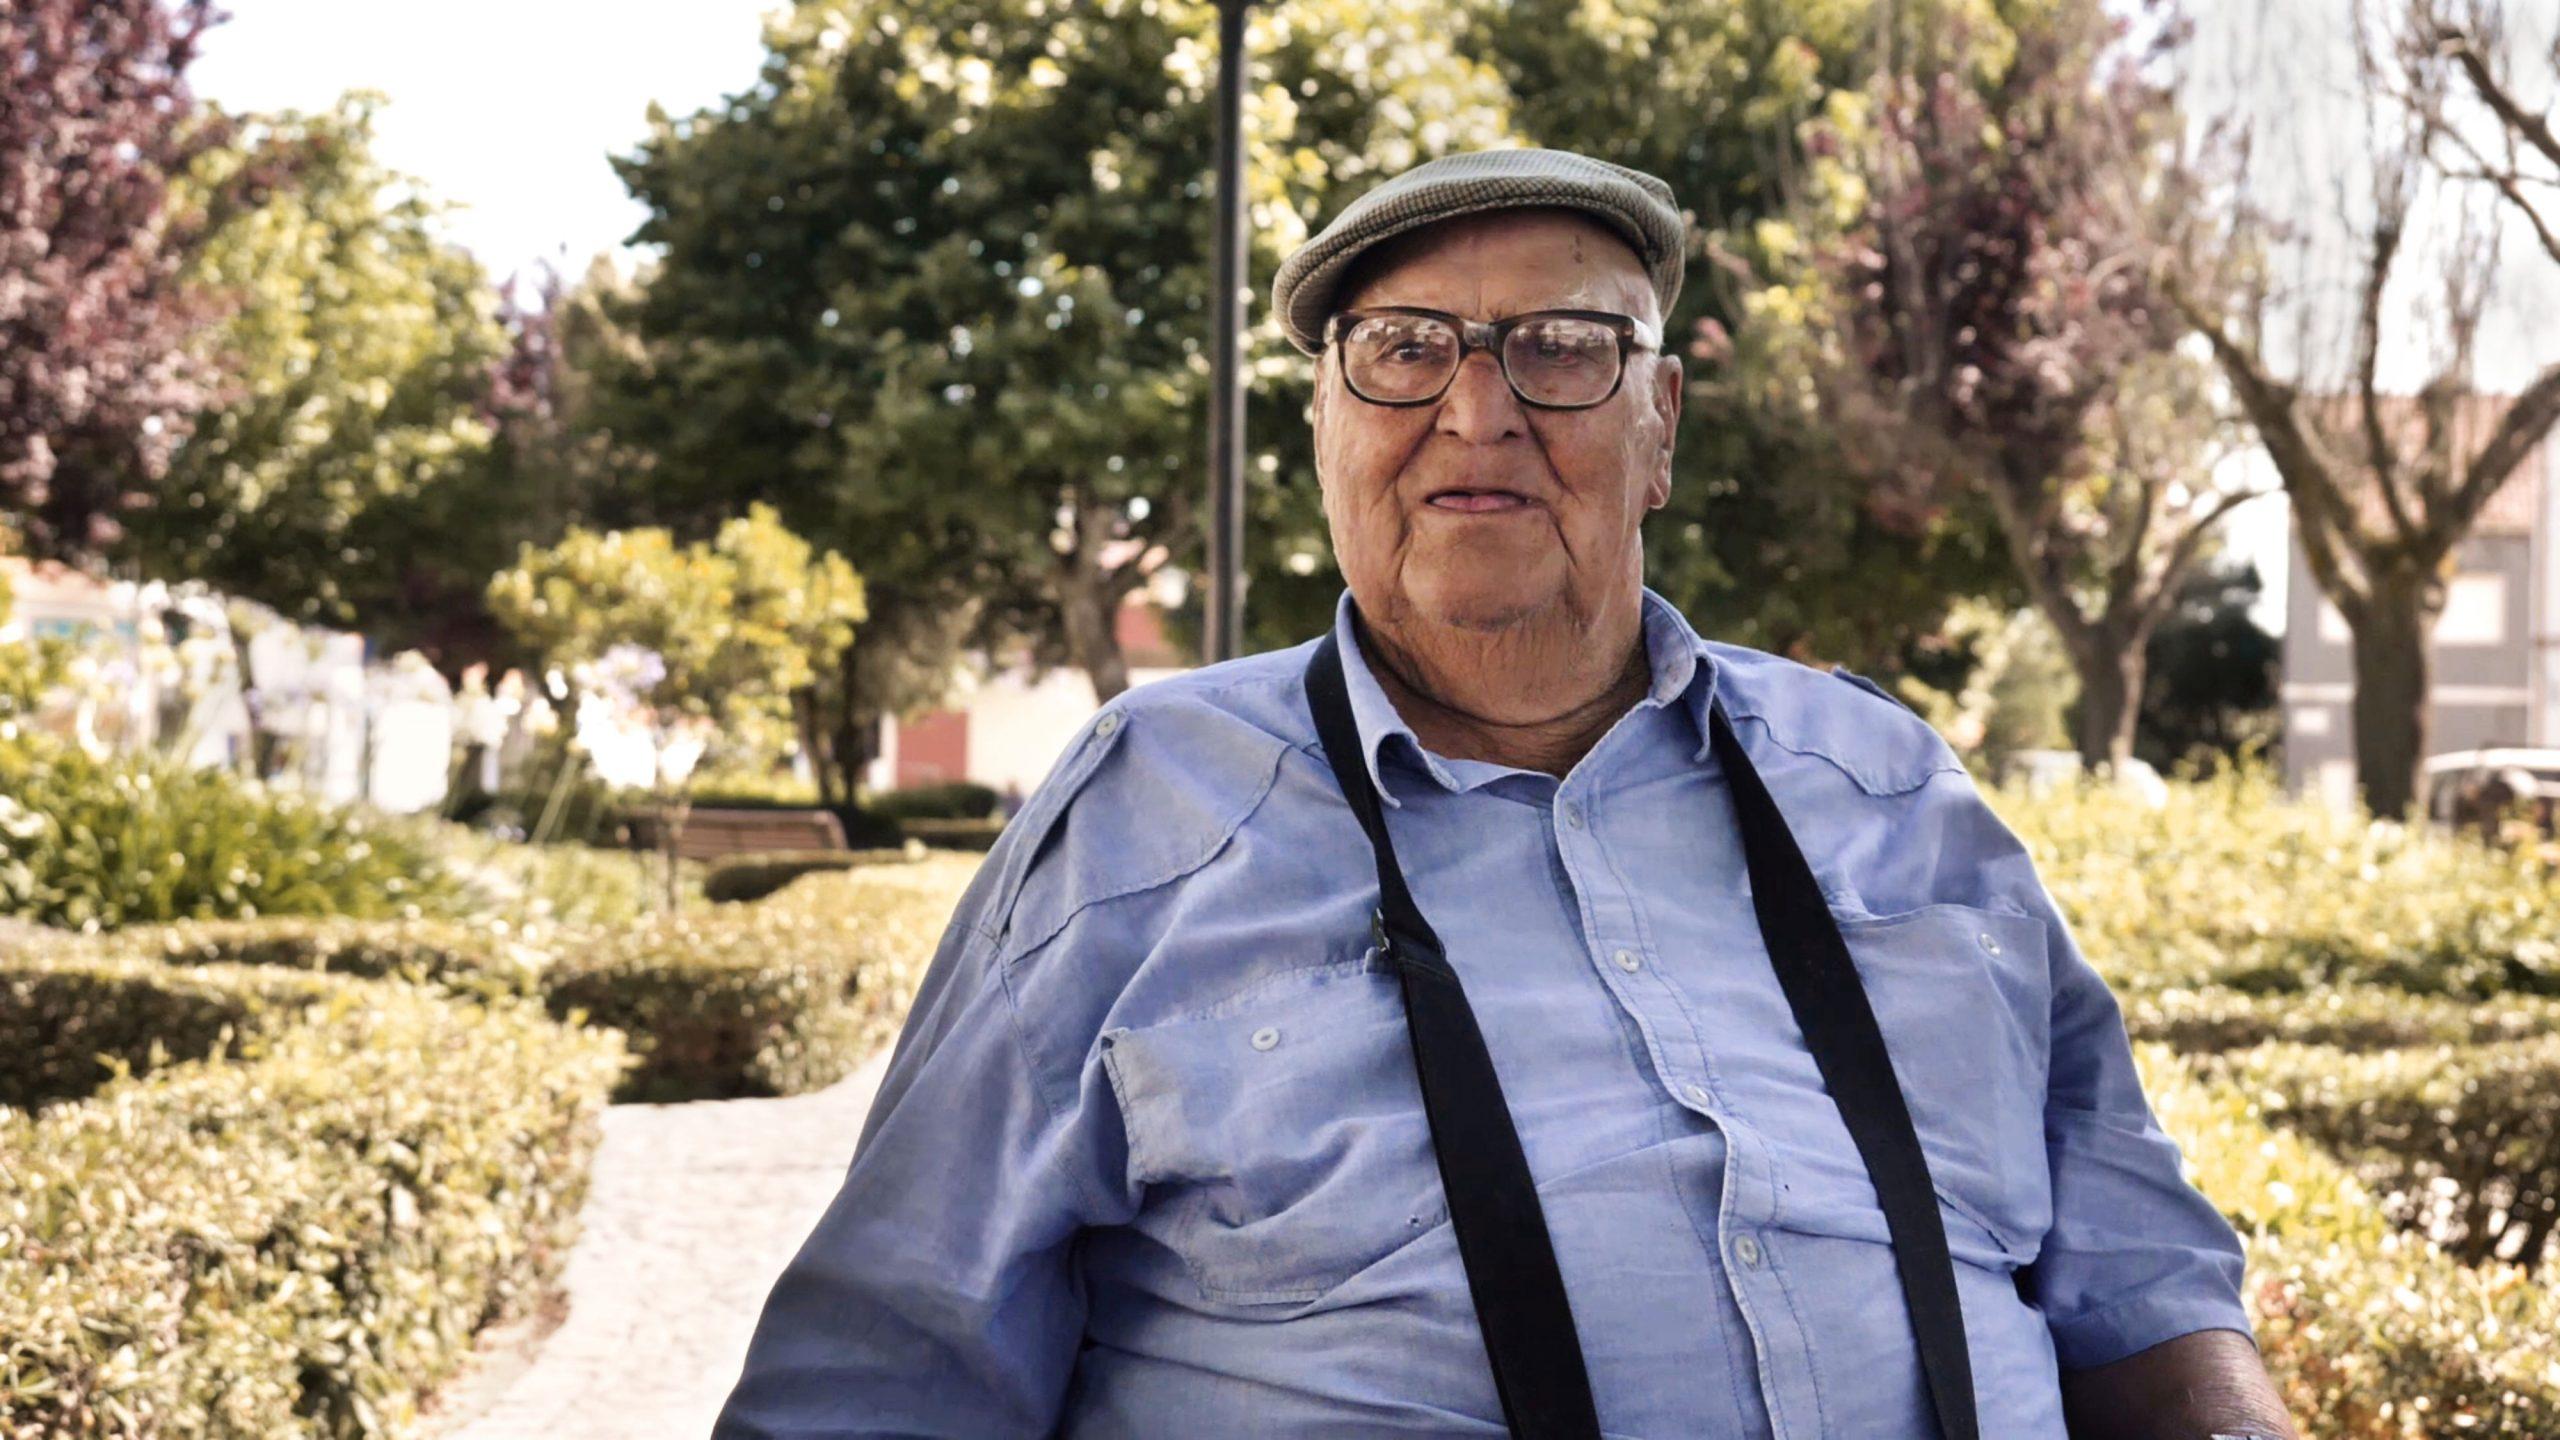 Jesuíno da Silva Nifra (CAL, CMMN, 2018)